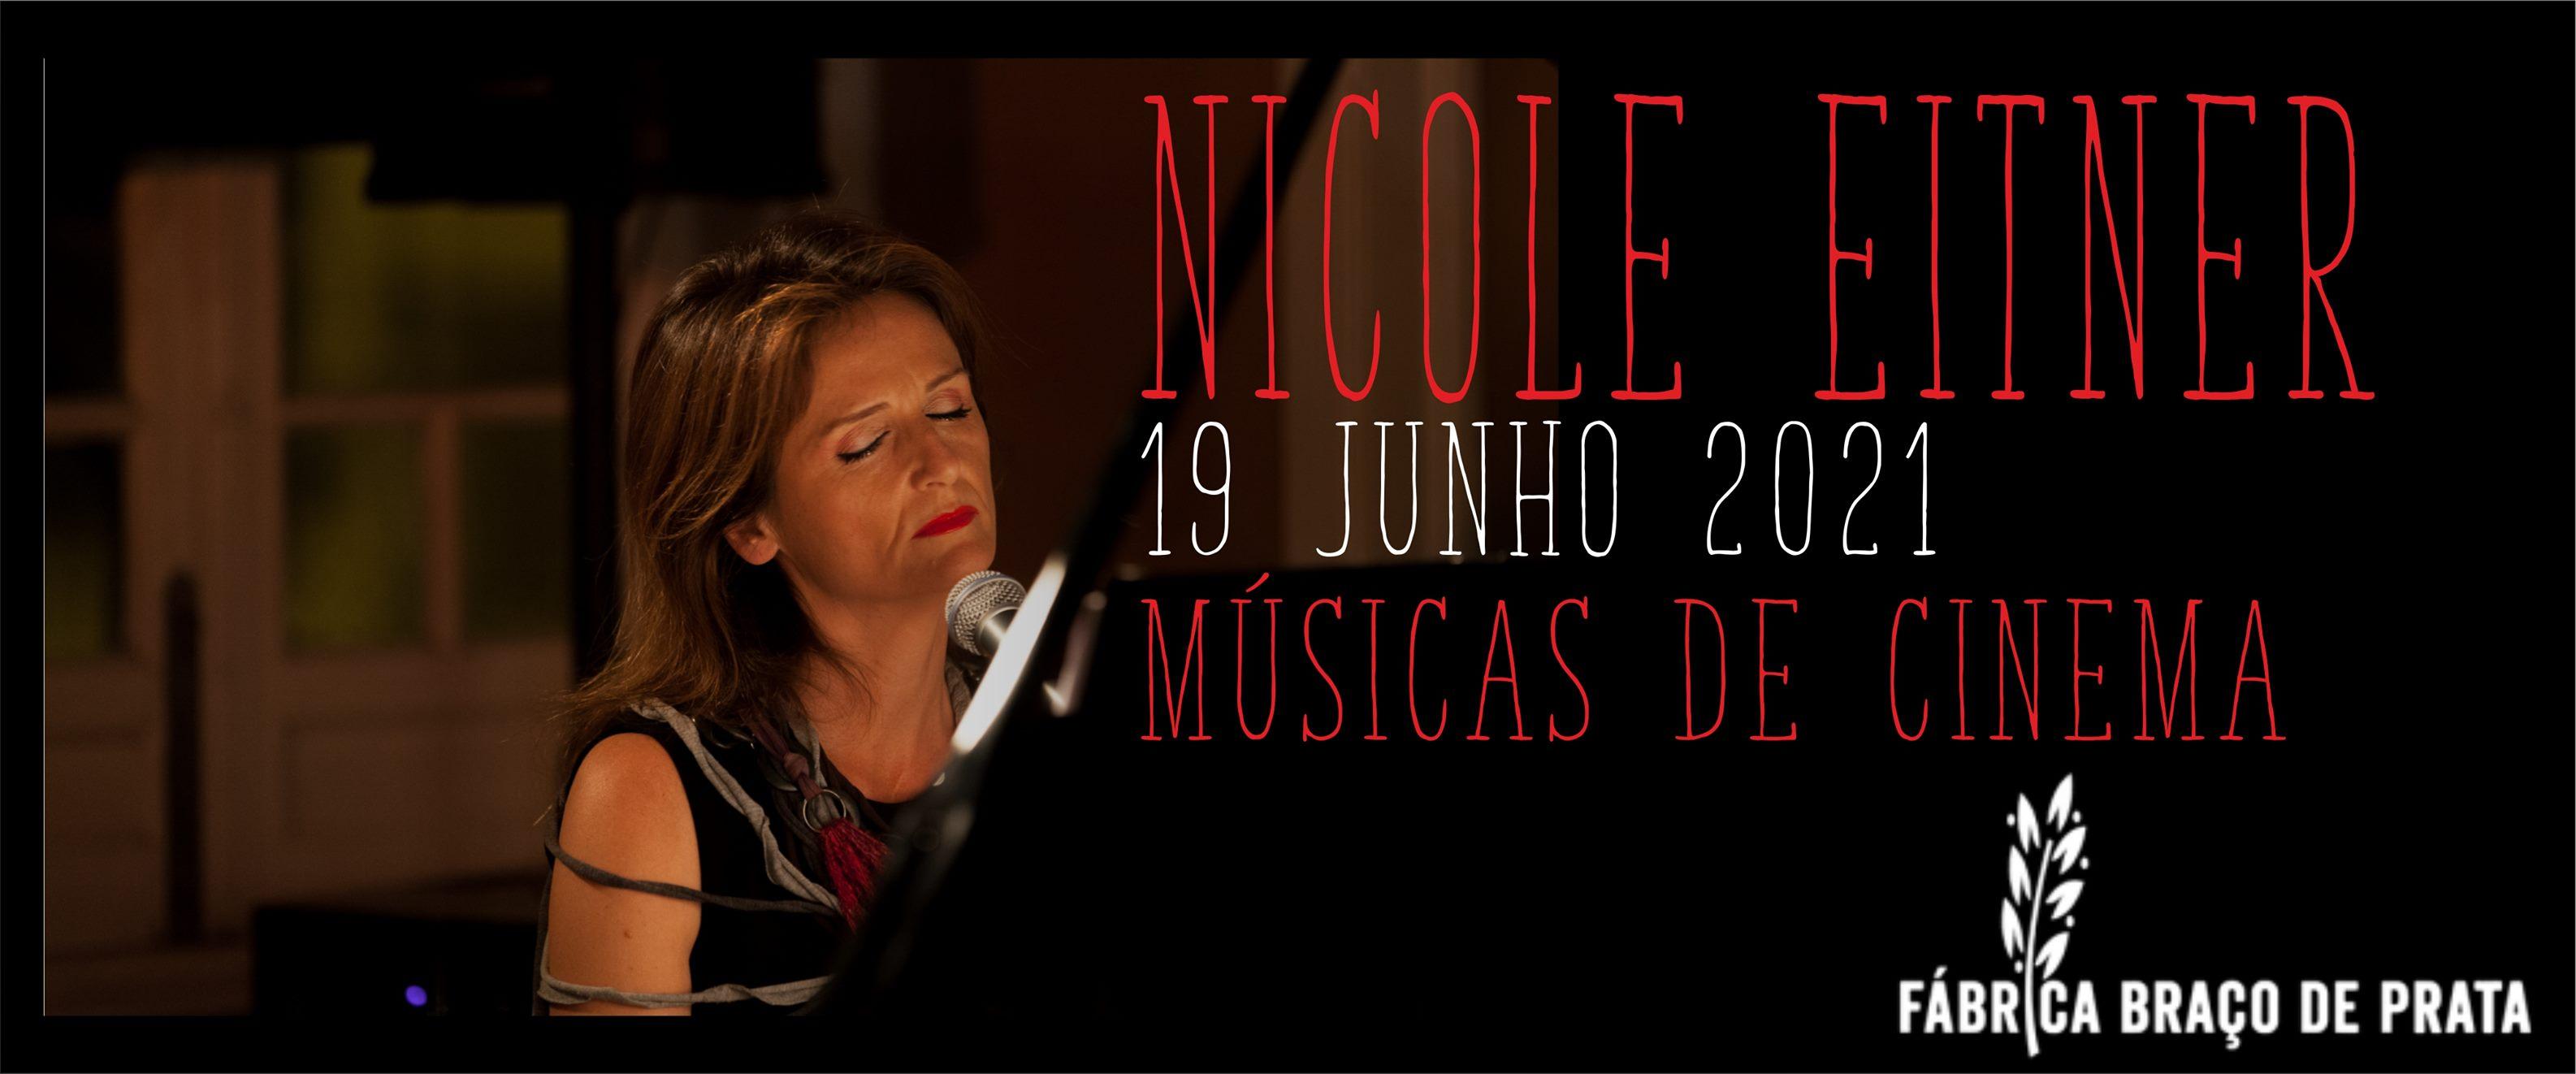 Nicole Eitner - Músicas de Cinema | 14º aniversário da Fábrica Braço de Prata!